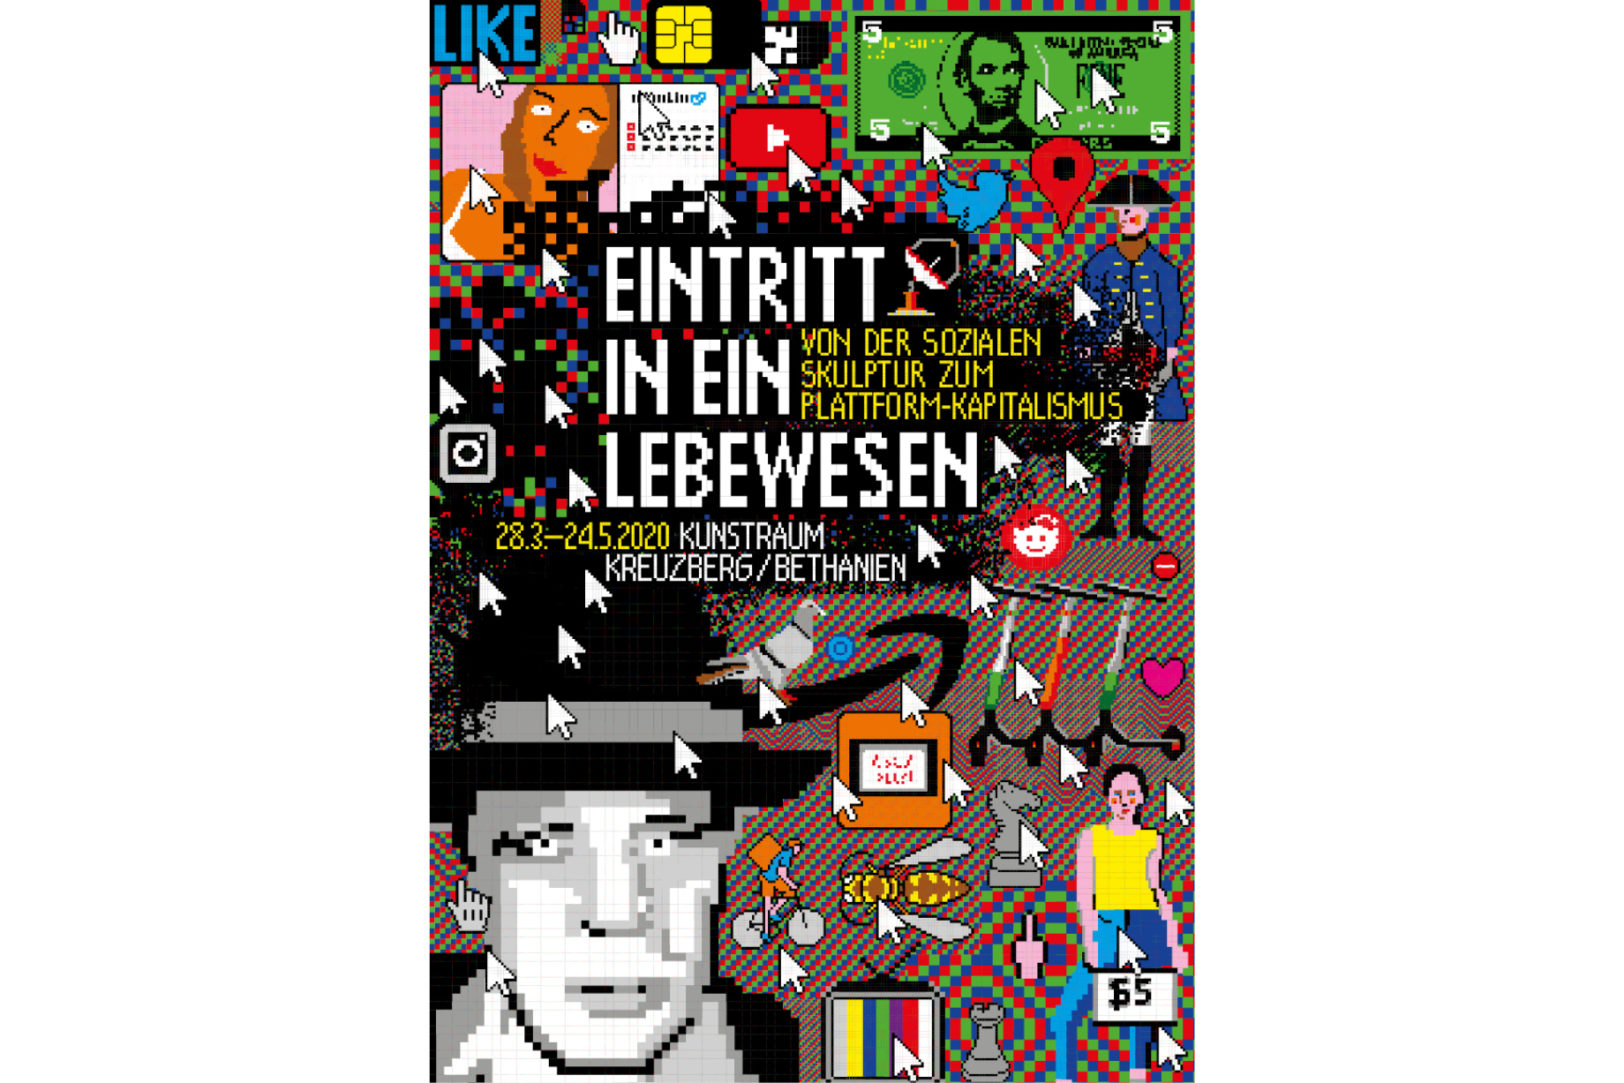 http://e-o-t.de/wordpress/wp-content/uploads/2020/03/Lebewesen-Poster-eot.jpg